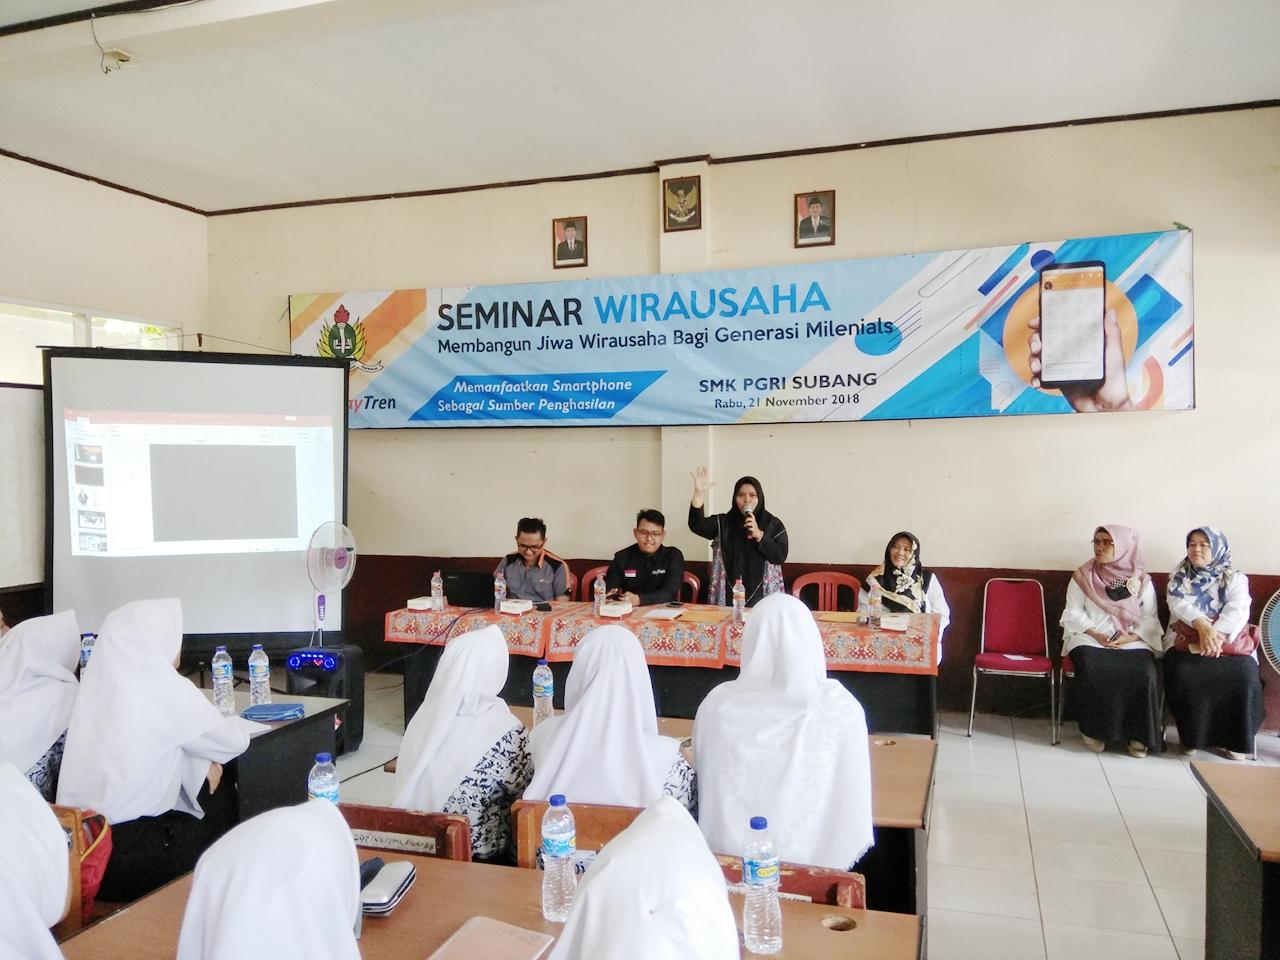 Seminar Wirausaha Kompetensi Keahlian Akuntansi